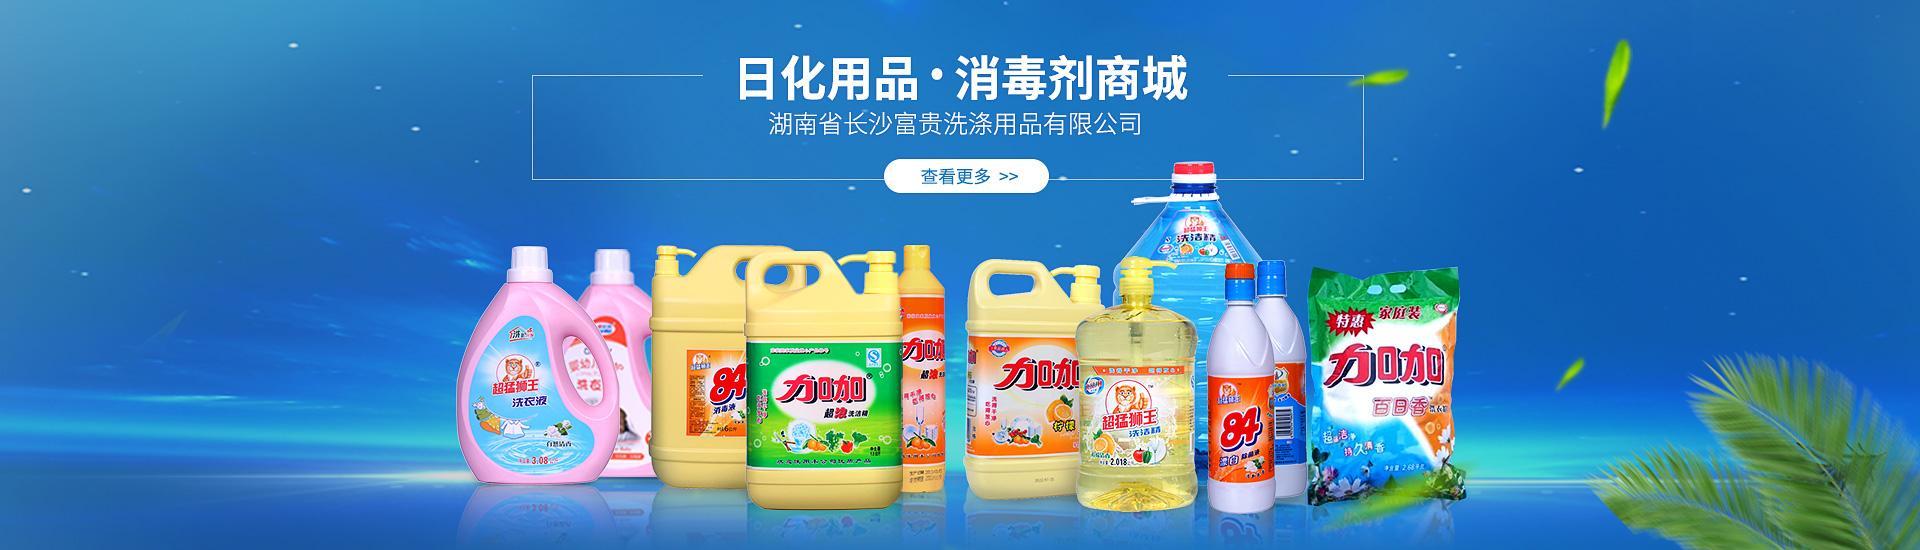 洗护产品系列